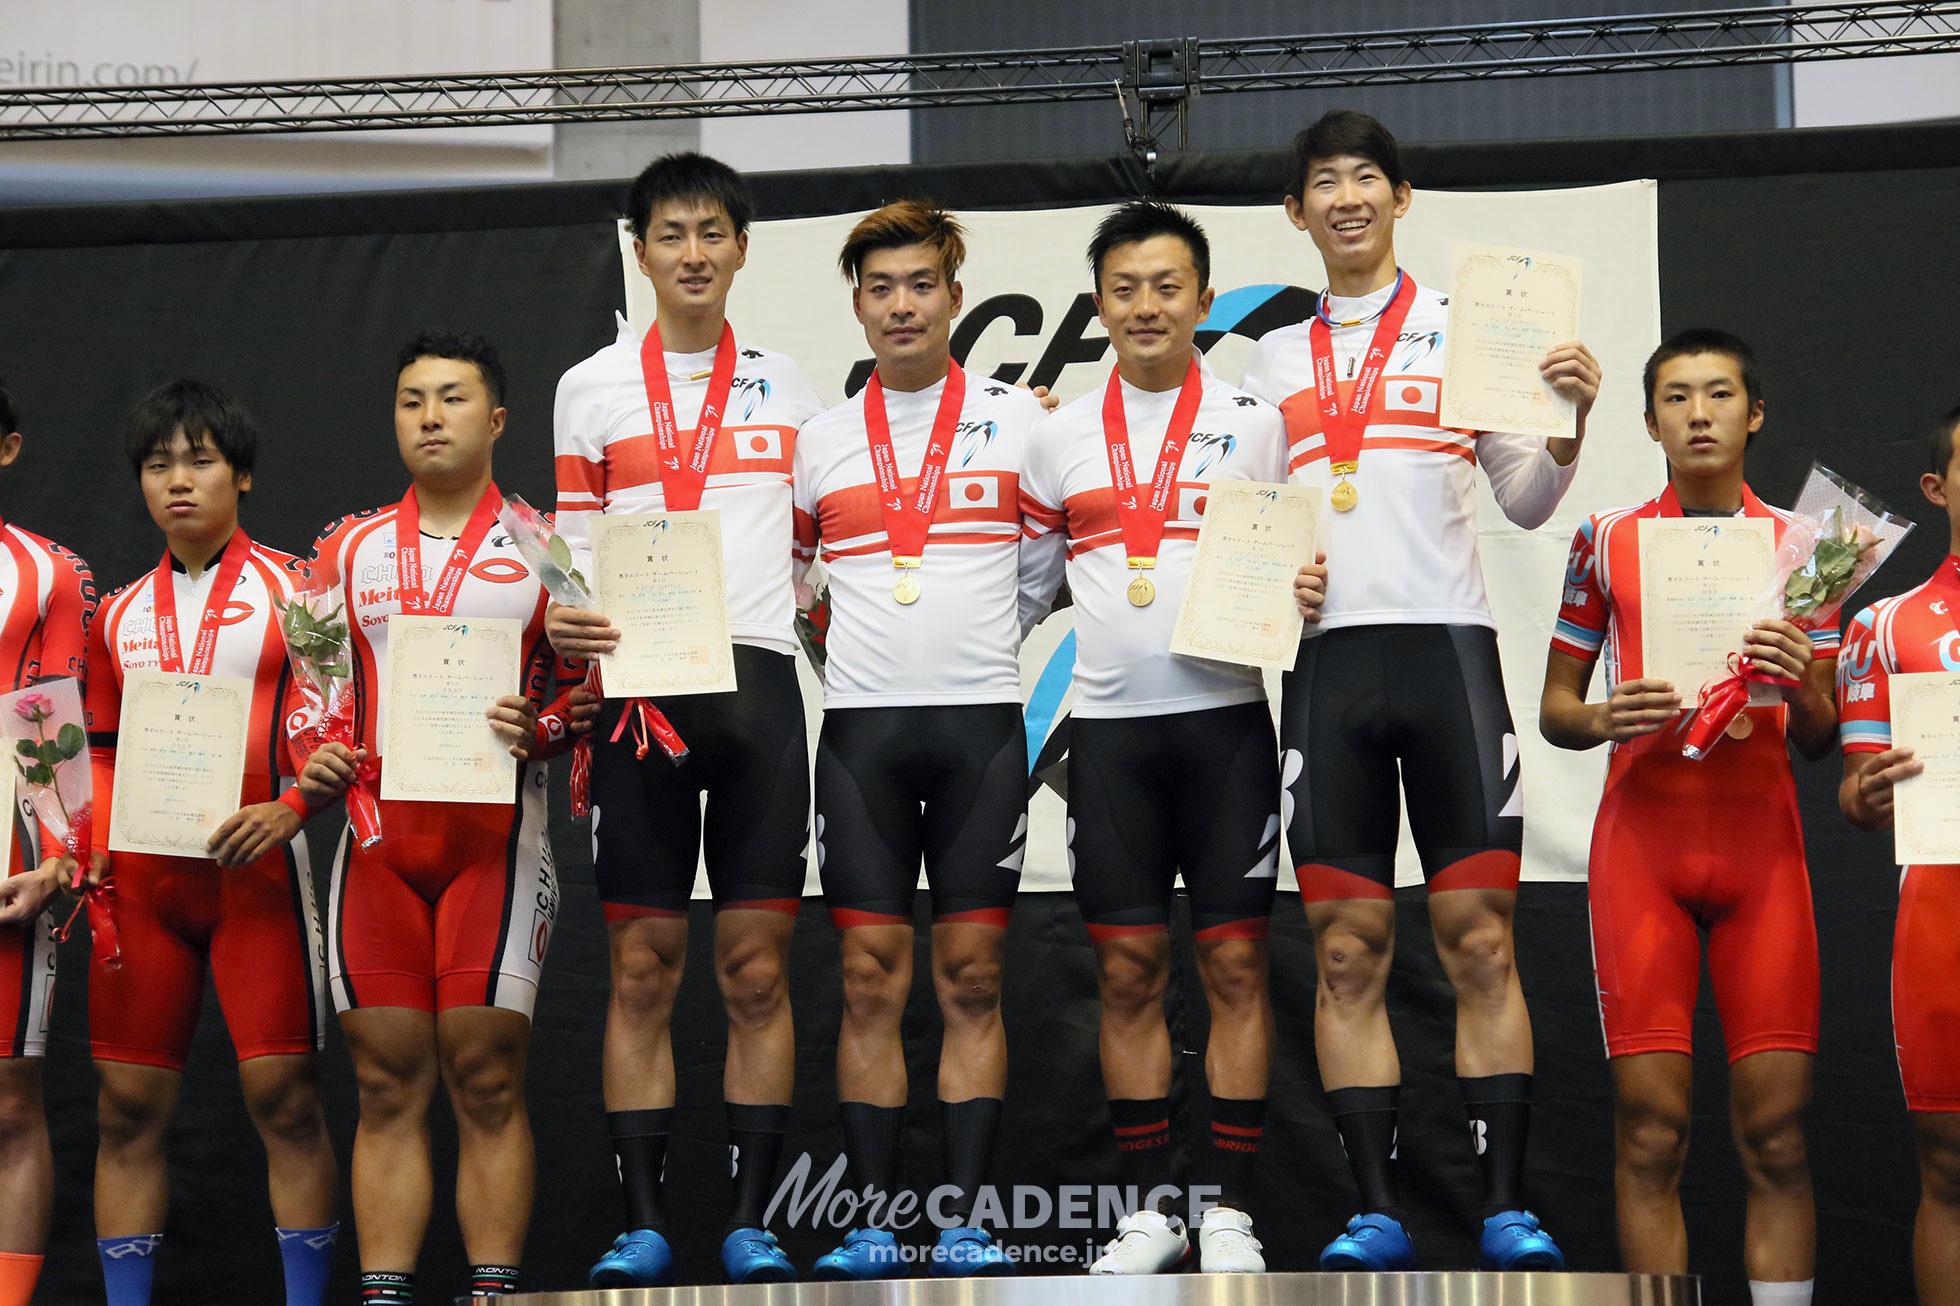 2018全日本選手権トラック男子チームパシュート表彰式